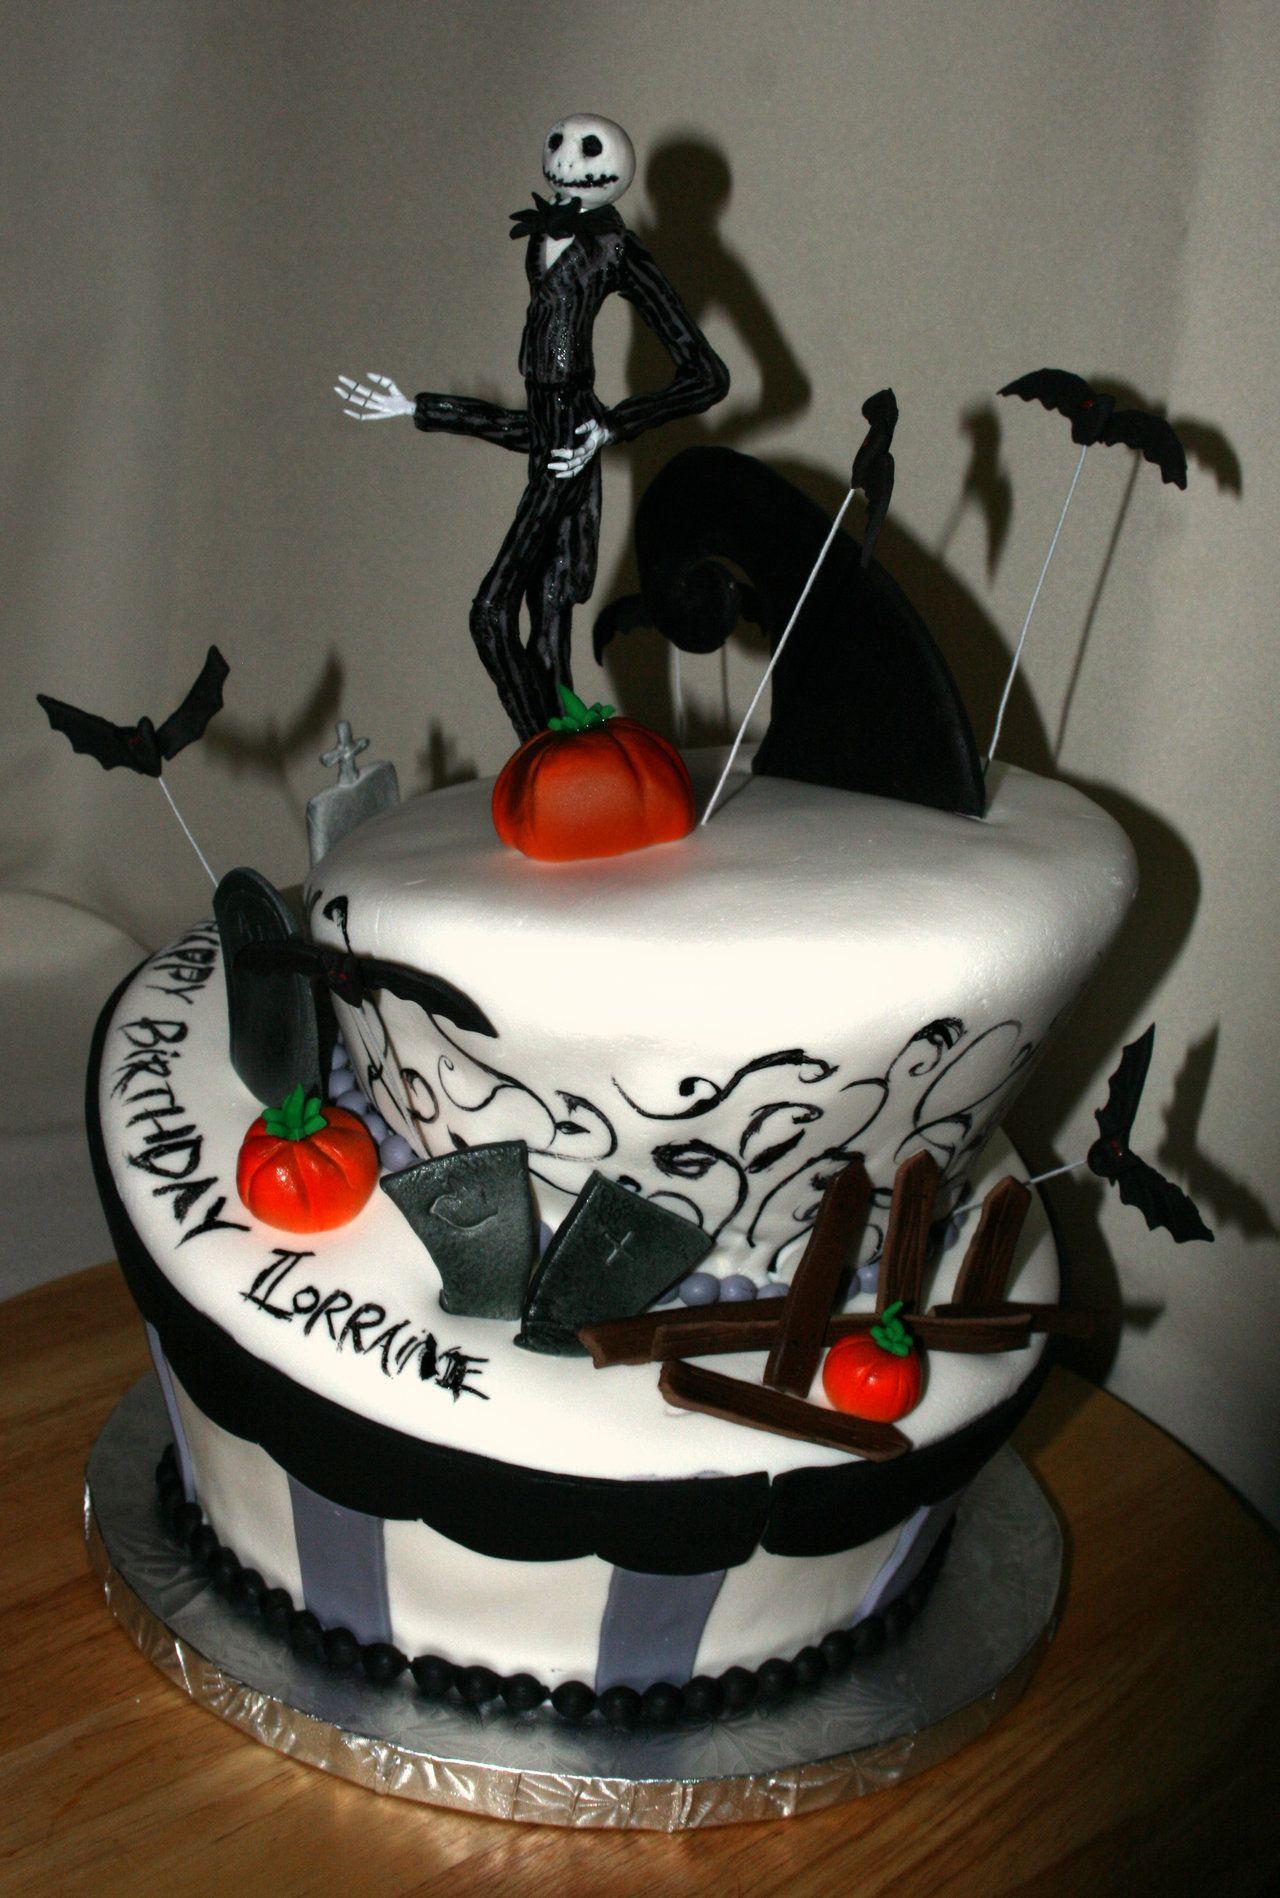 Jack Skellington Decorations Halloween Jack Skellington Pictures Jack Skellington Cake By Meaikoh On